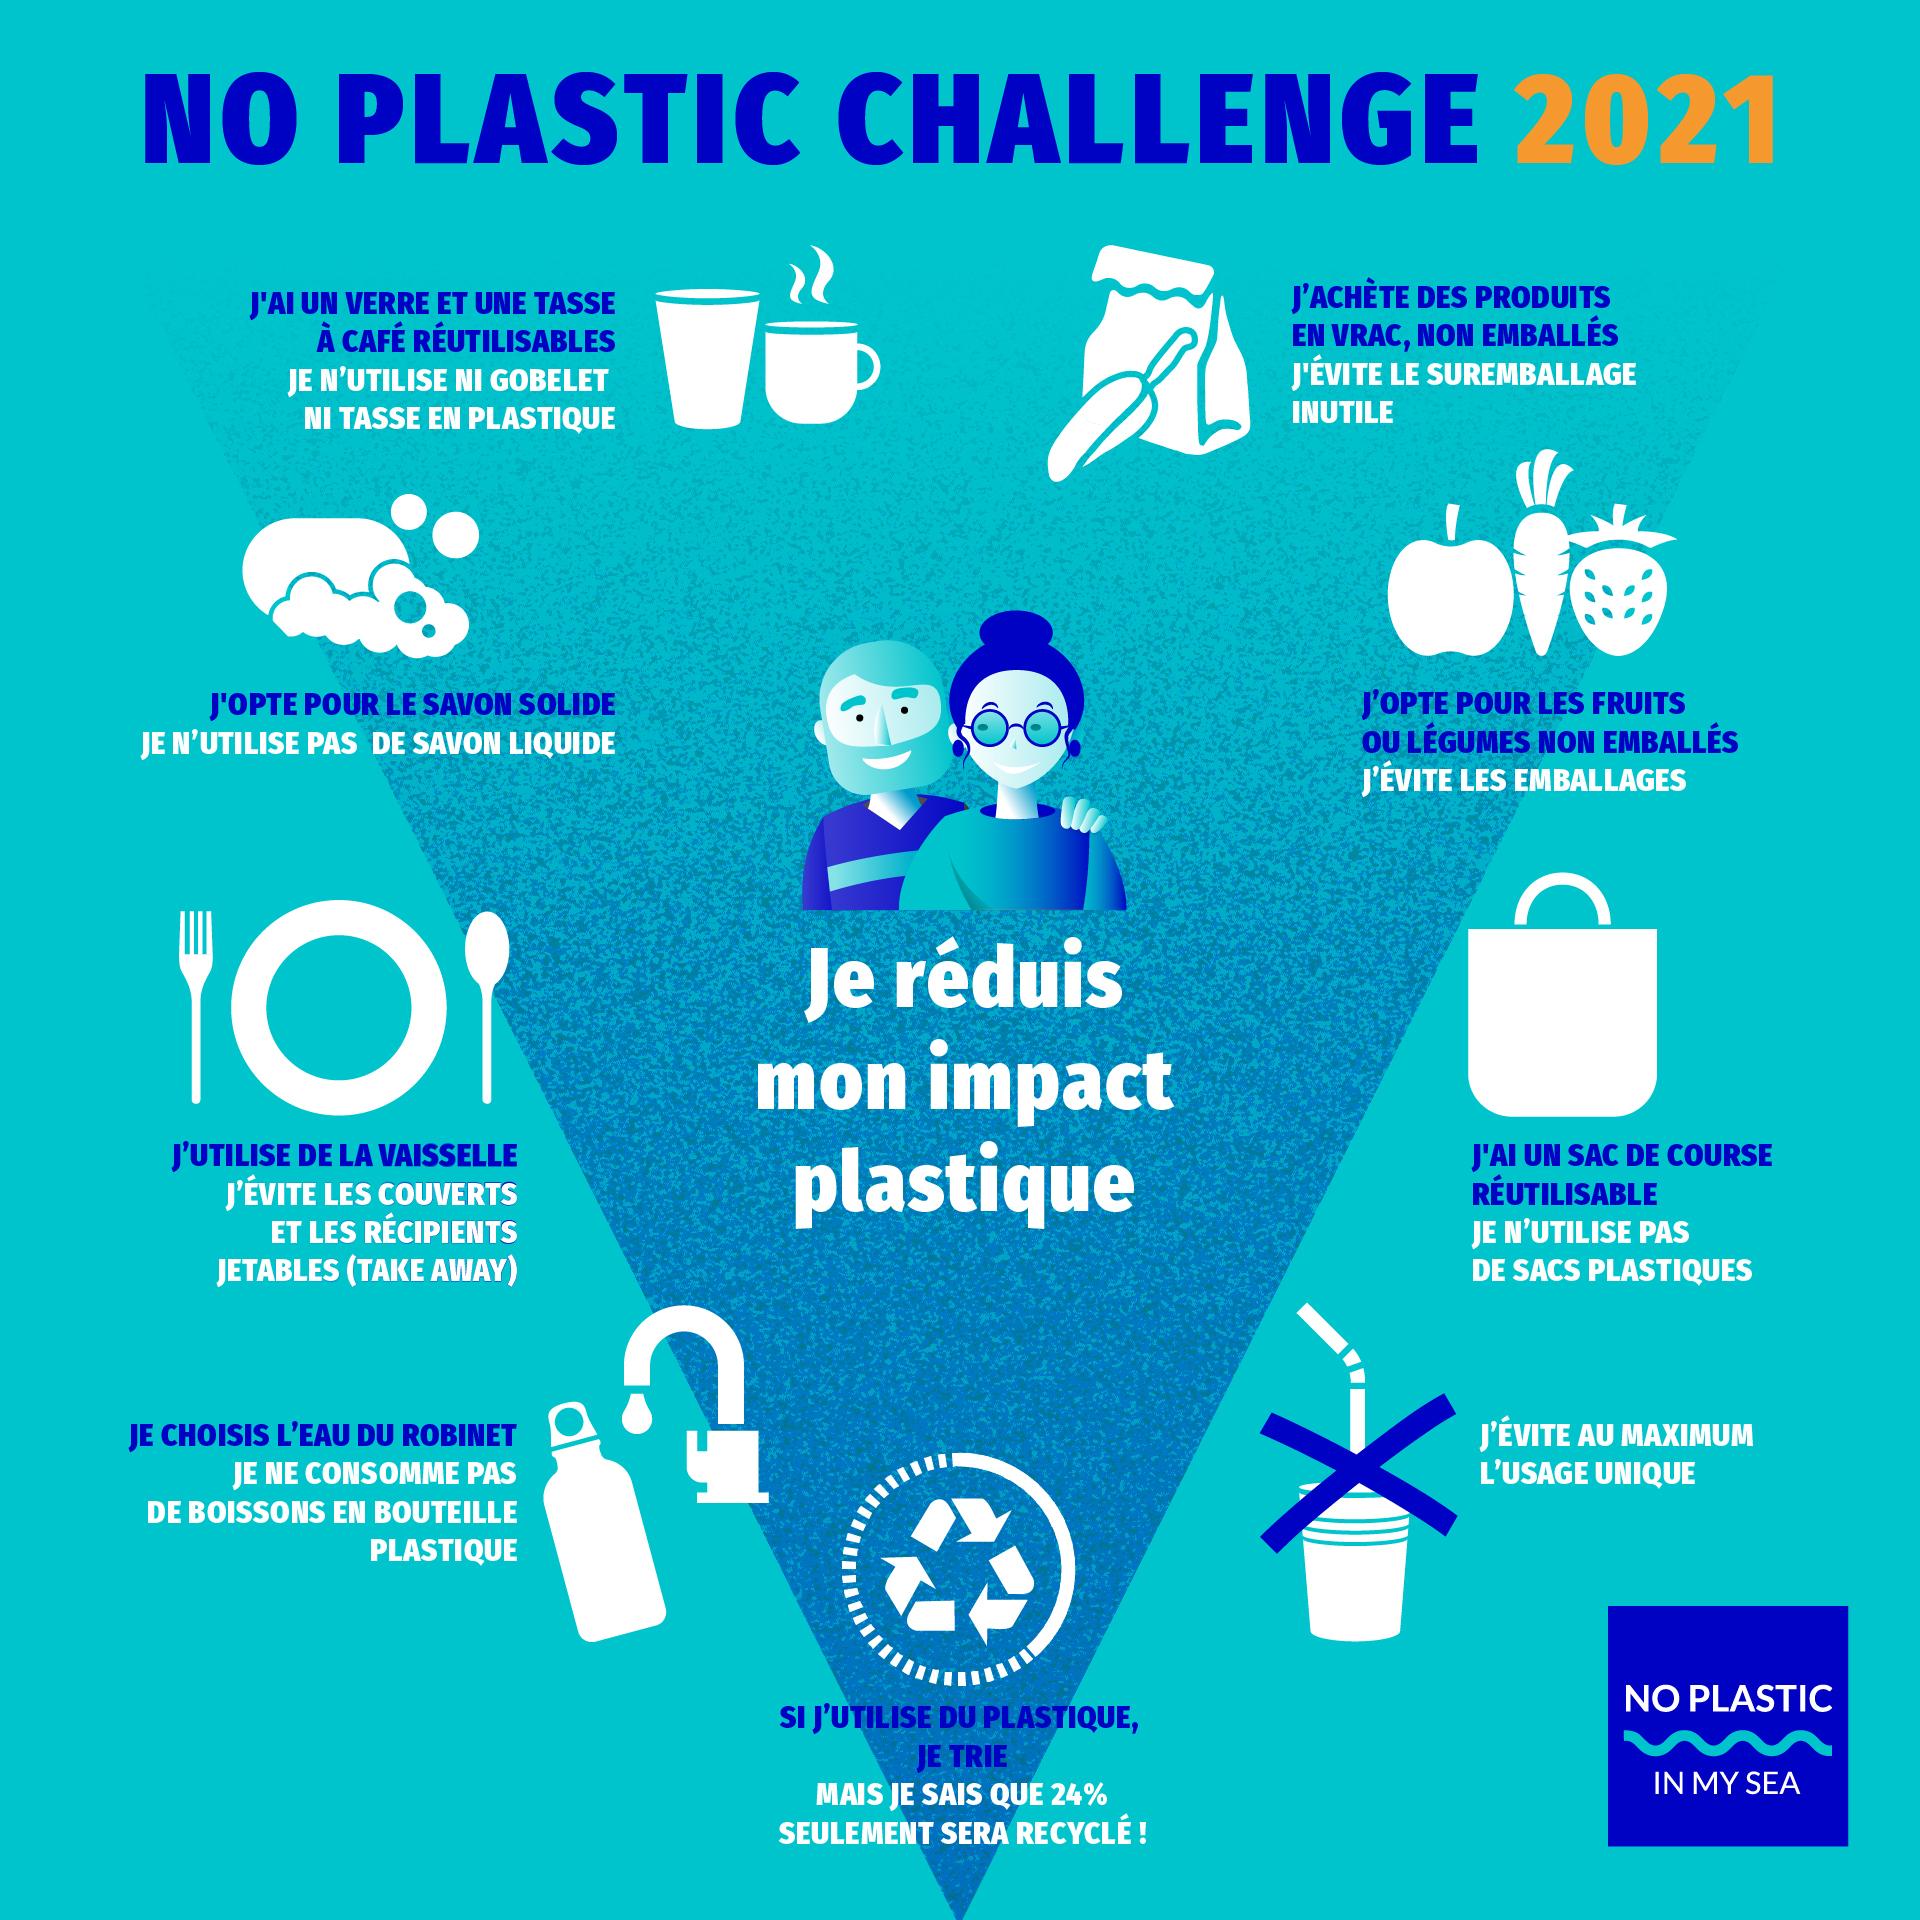 Noplasticchallenge : une campagne de mobilisation des consommateurs ! 802